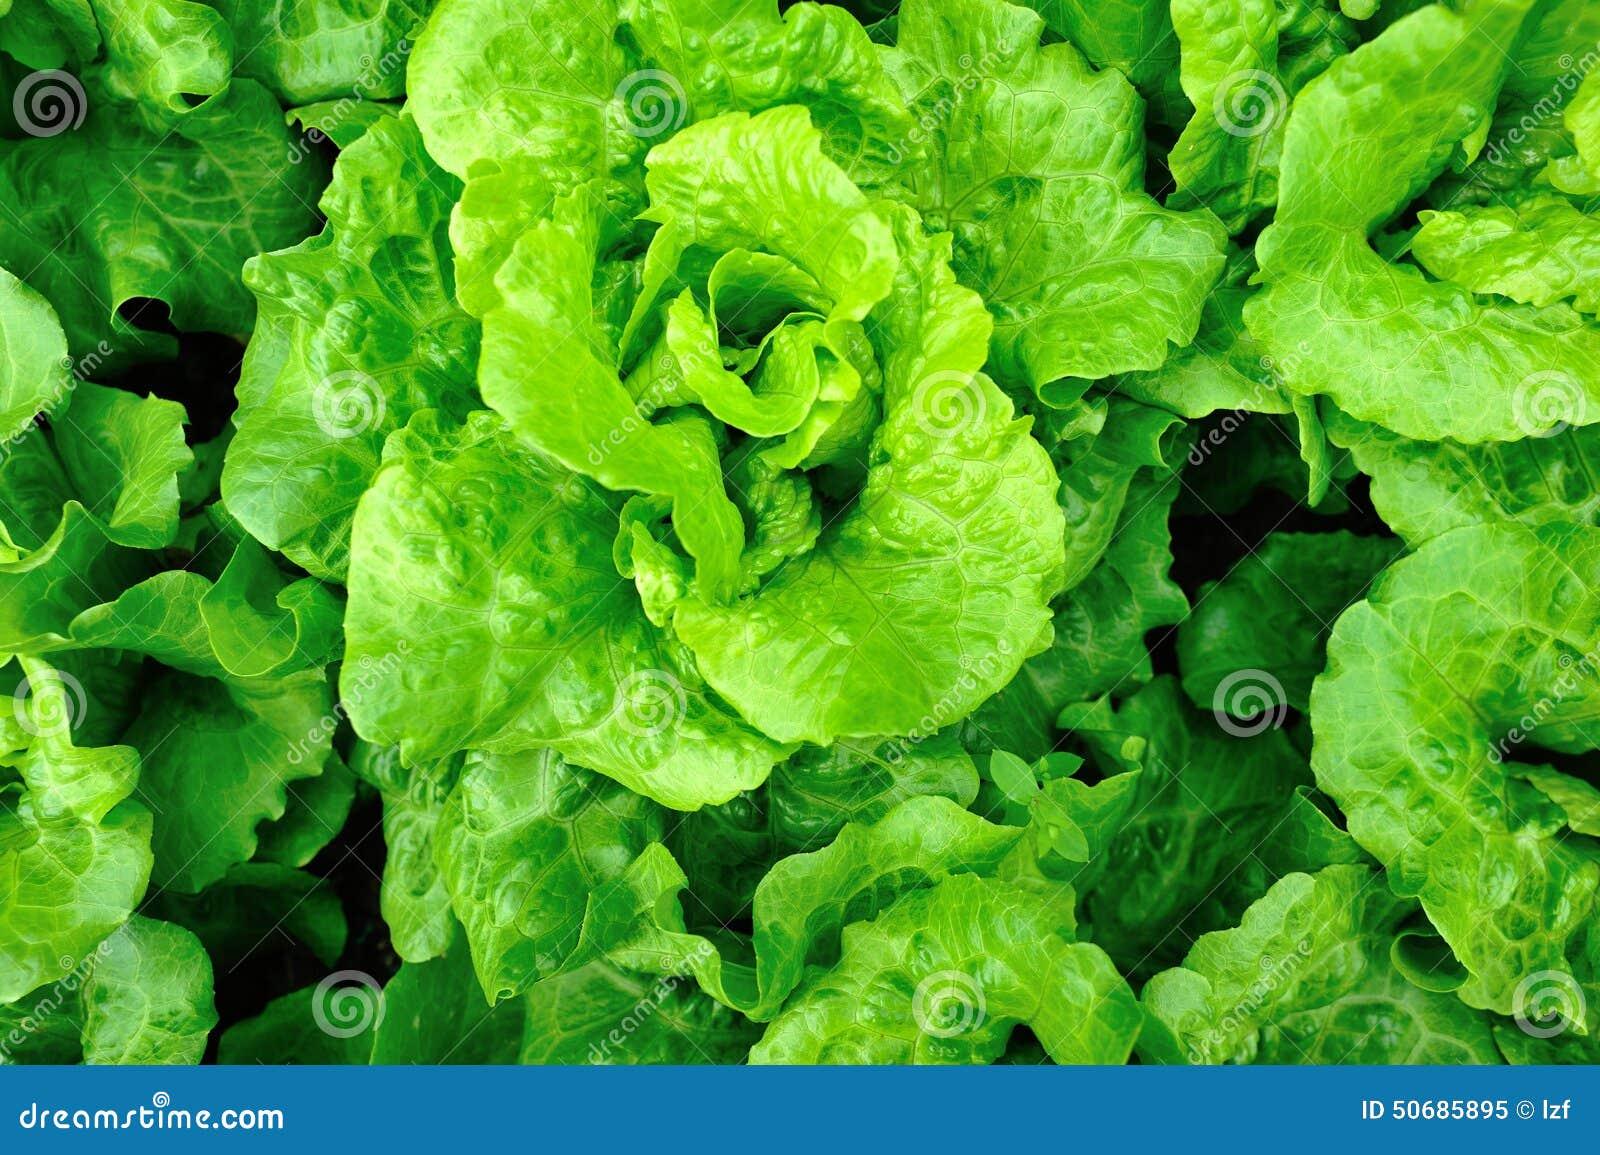 Download 背景域绿色莴苣 库存图片. 图片 包括有 室外, 本质, 蔬菜, 叶子, 新鲜, 下落, 有机, 庭院, 印第安语 - 50685895